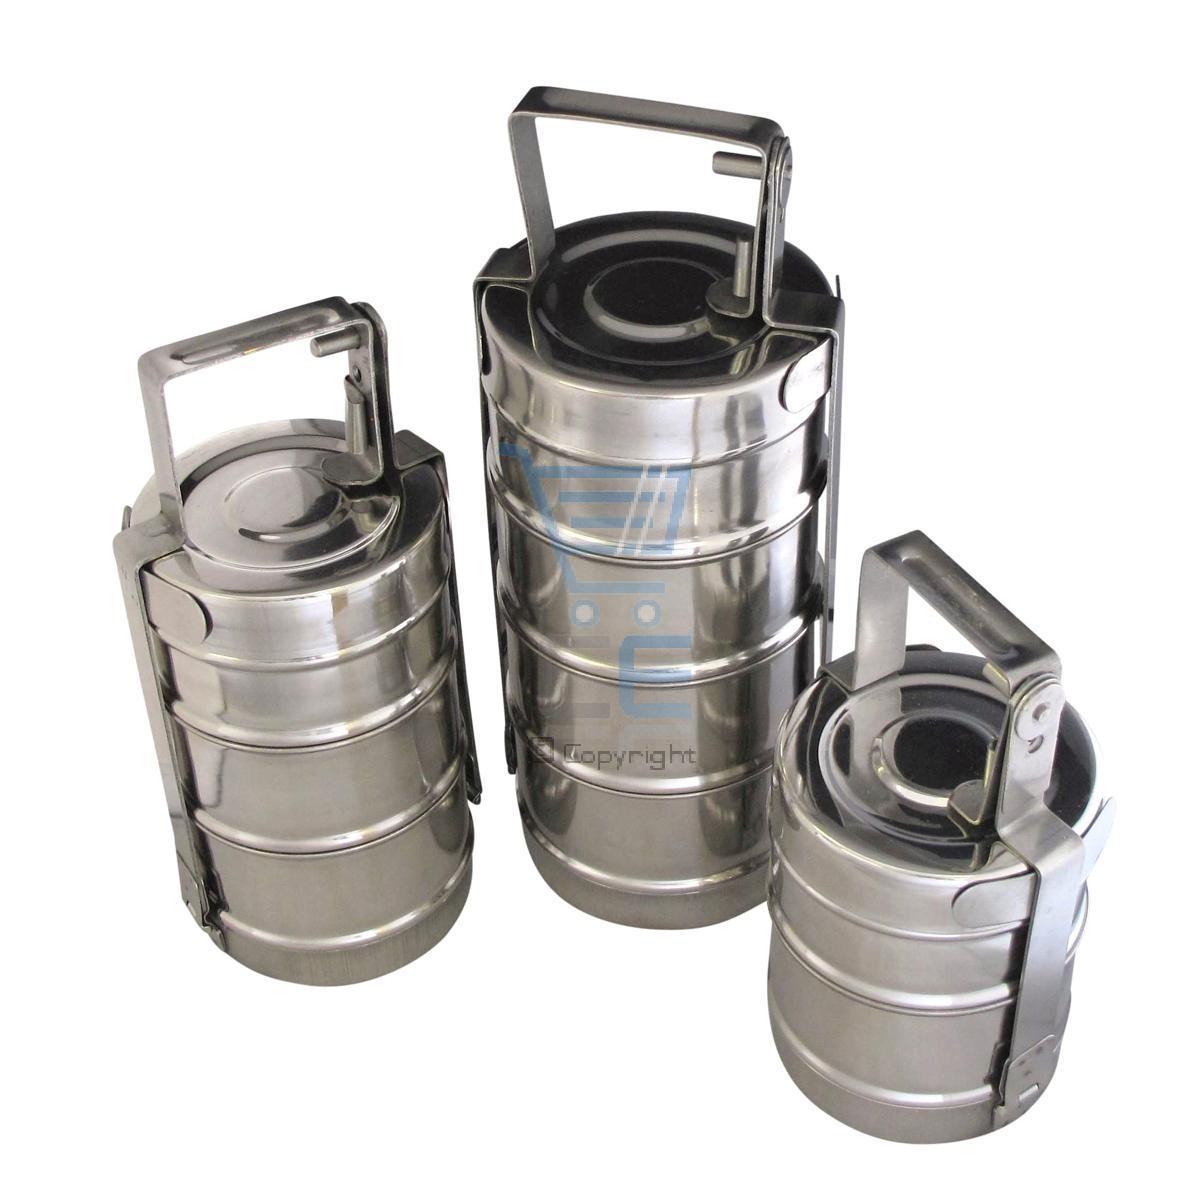 Edelstahl Tiffin 3 4 Oder 2 Bereiche 10cm Indian Lunchbox